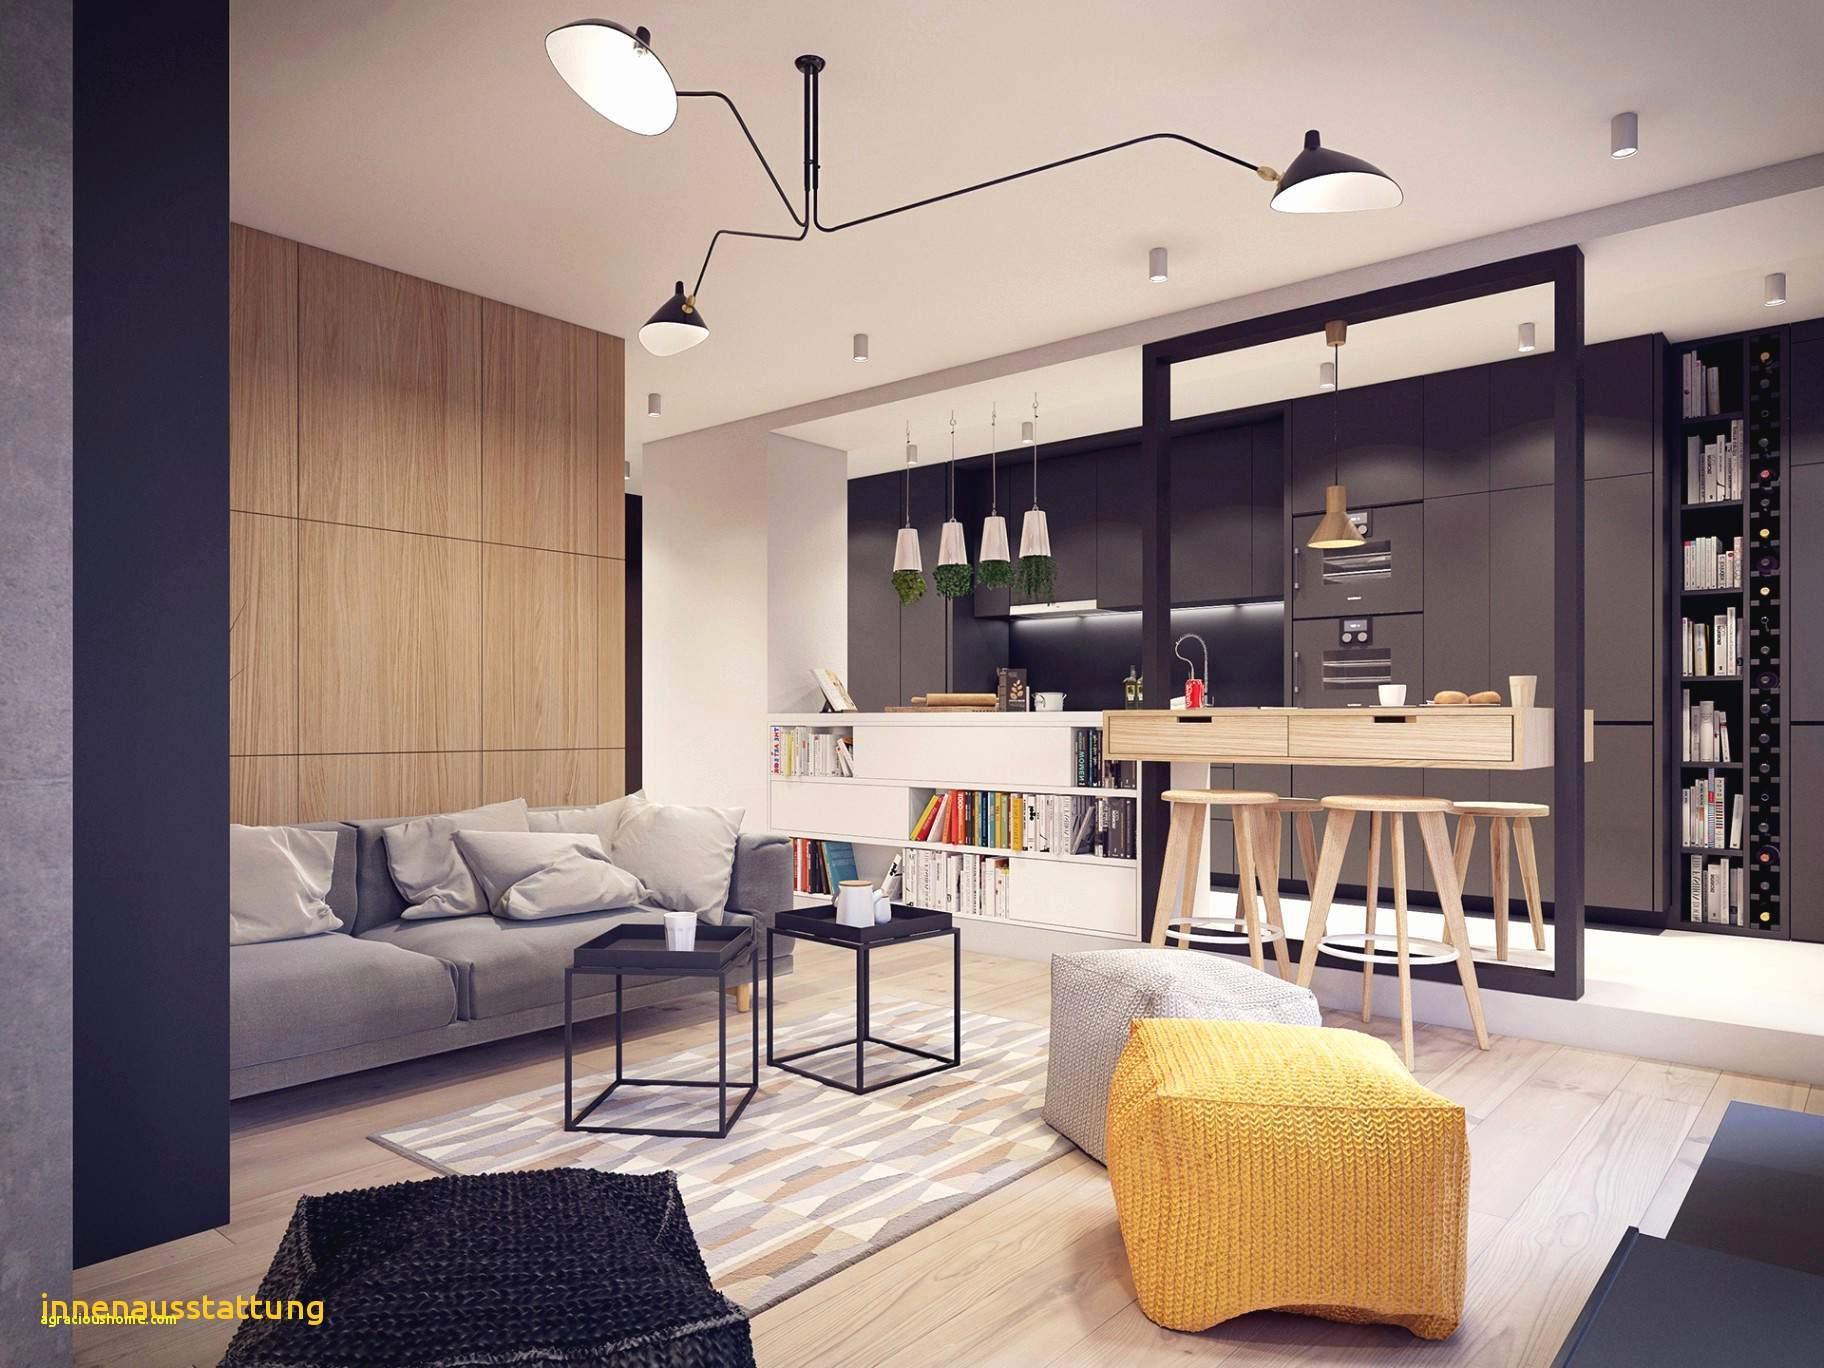 wanddeko wohnzimmer modern einzigartig einzigartig wanddeko wohnzimmer modern of wanddeko wohnzimmer modern